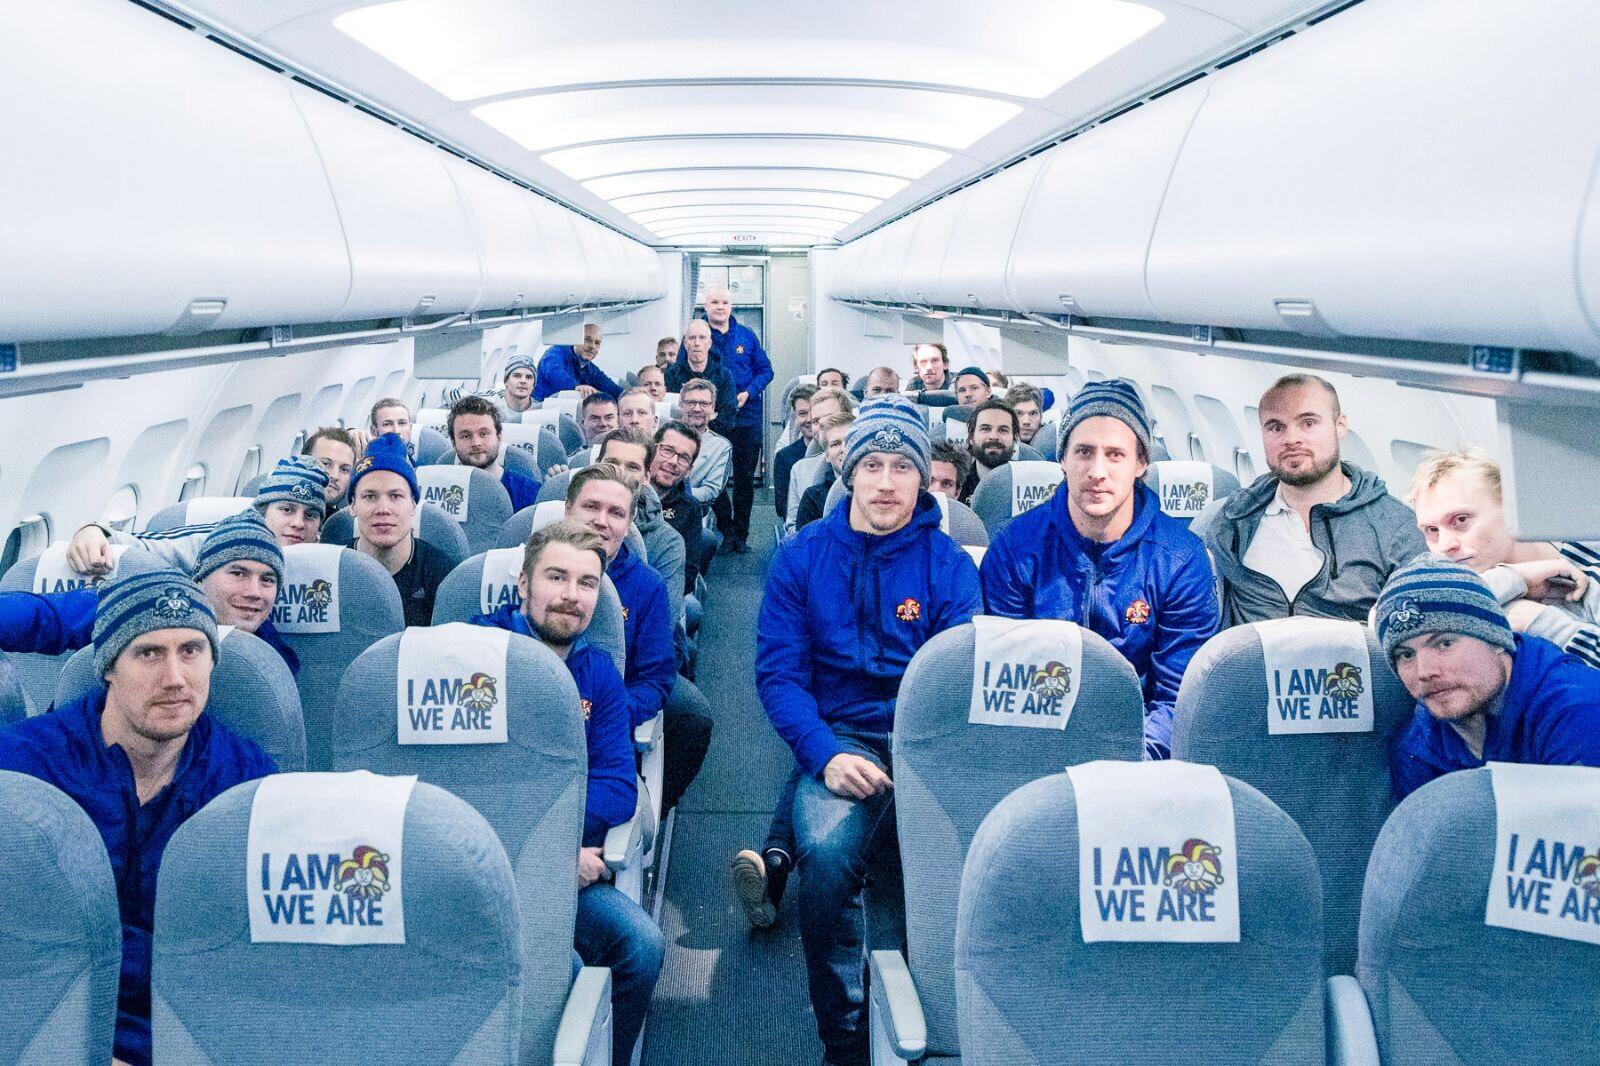 Voiton ja 100-vuotiaan Suomen kunniaksi koko joukkue kajautti paluulennolla Finlandian.